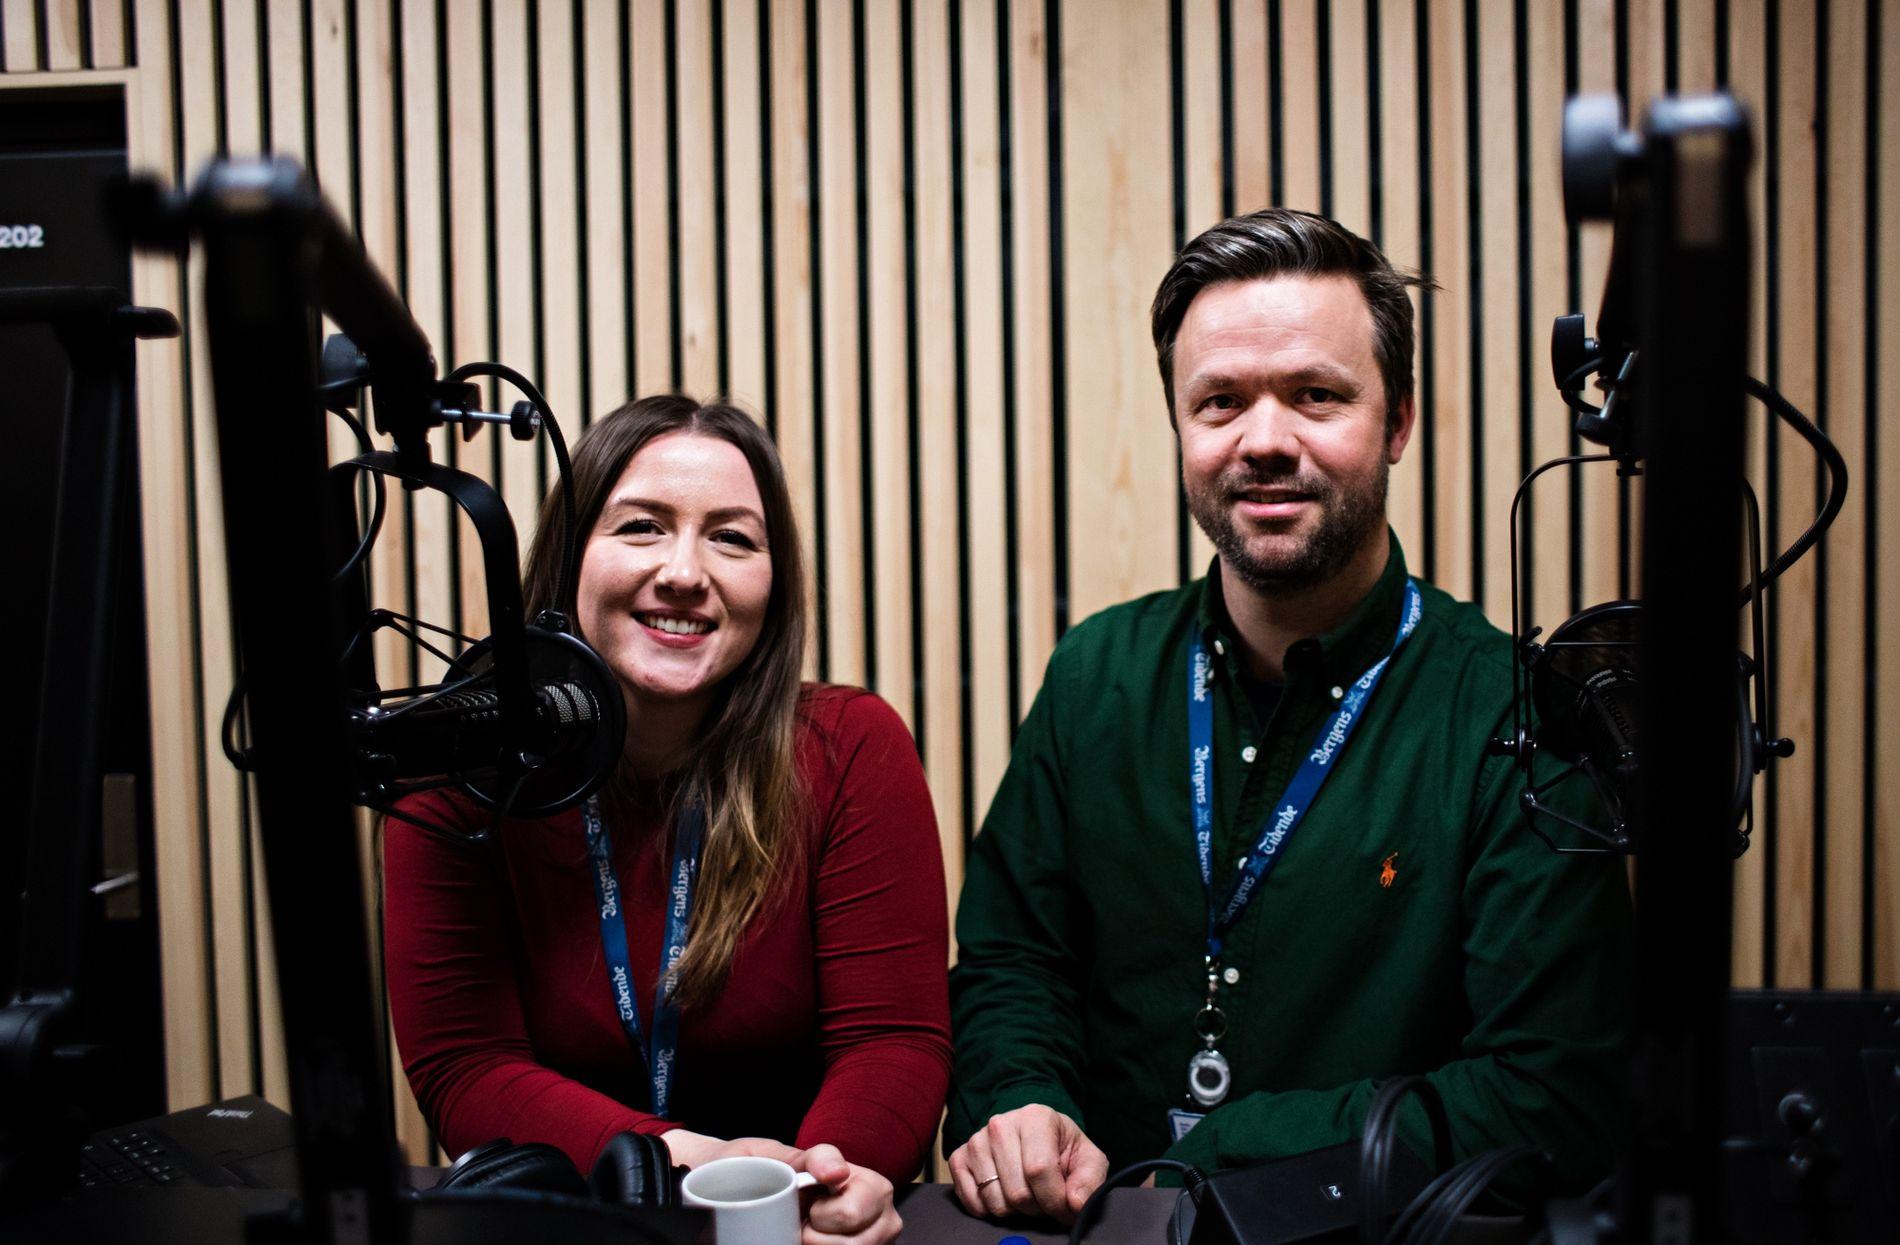 PROGRAMLEDERE: Ingvild Vereide Nave og Kjetil Ullebø er programledere i BTs podkaster BT20 og Republikken. Nå kan du også høre dem i BT Lytt.